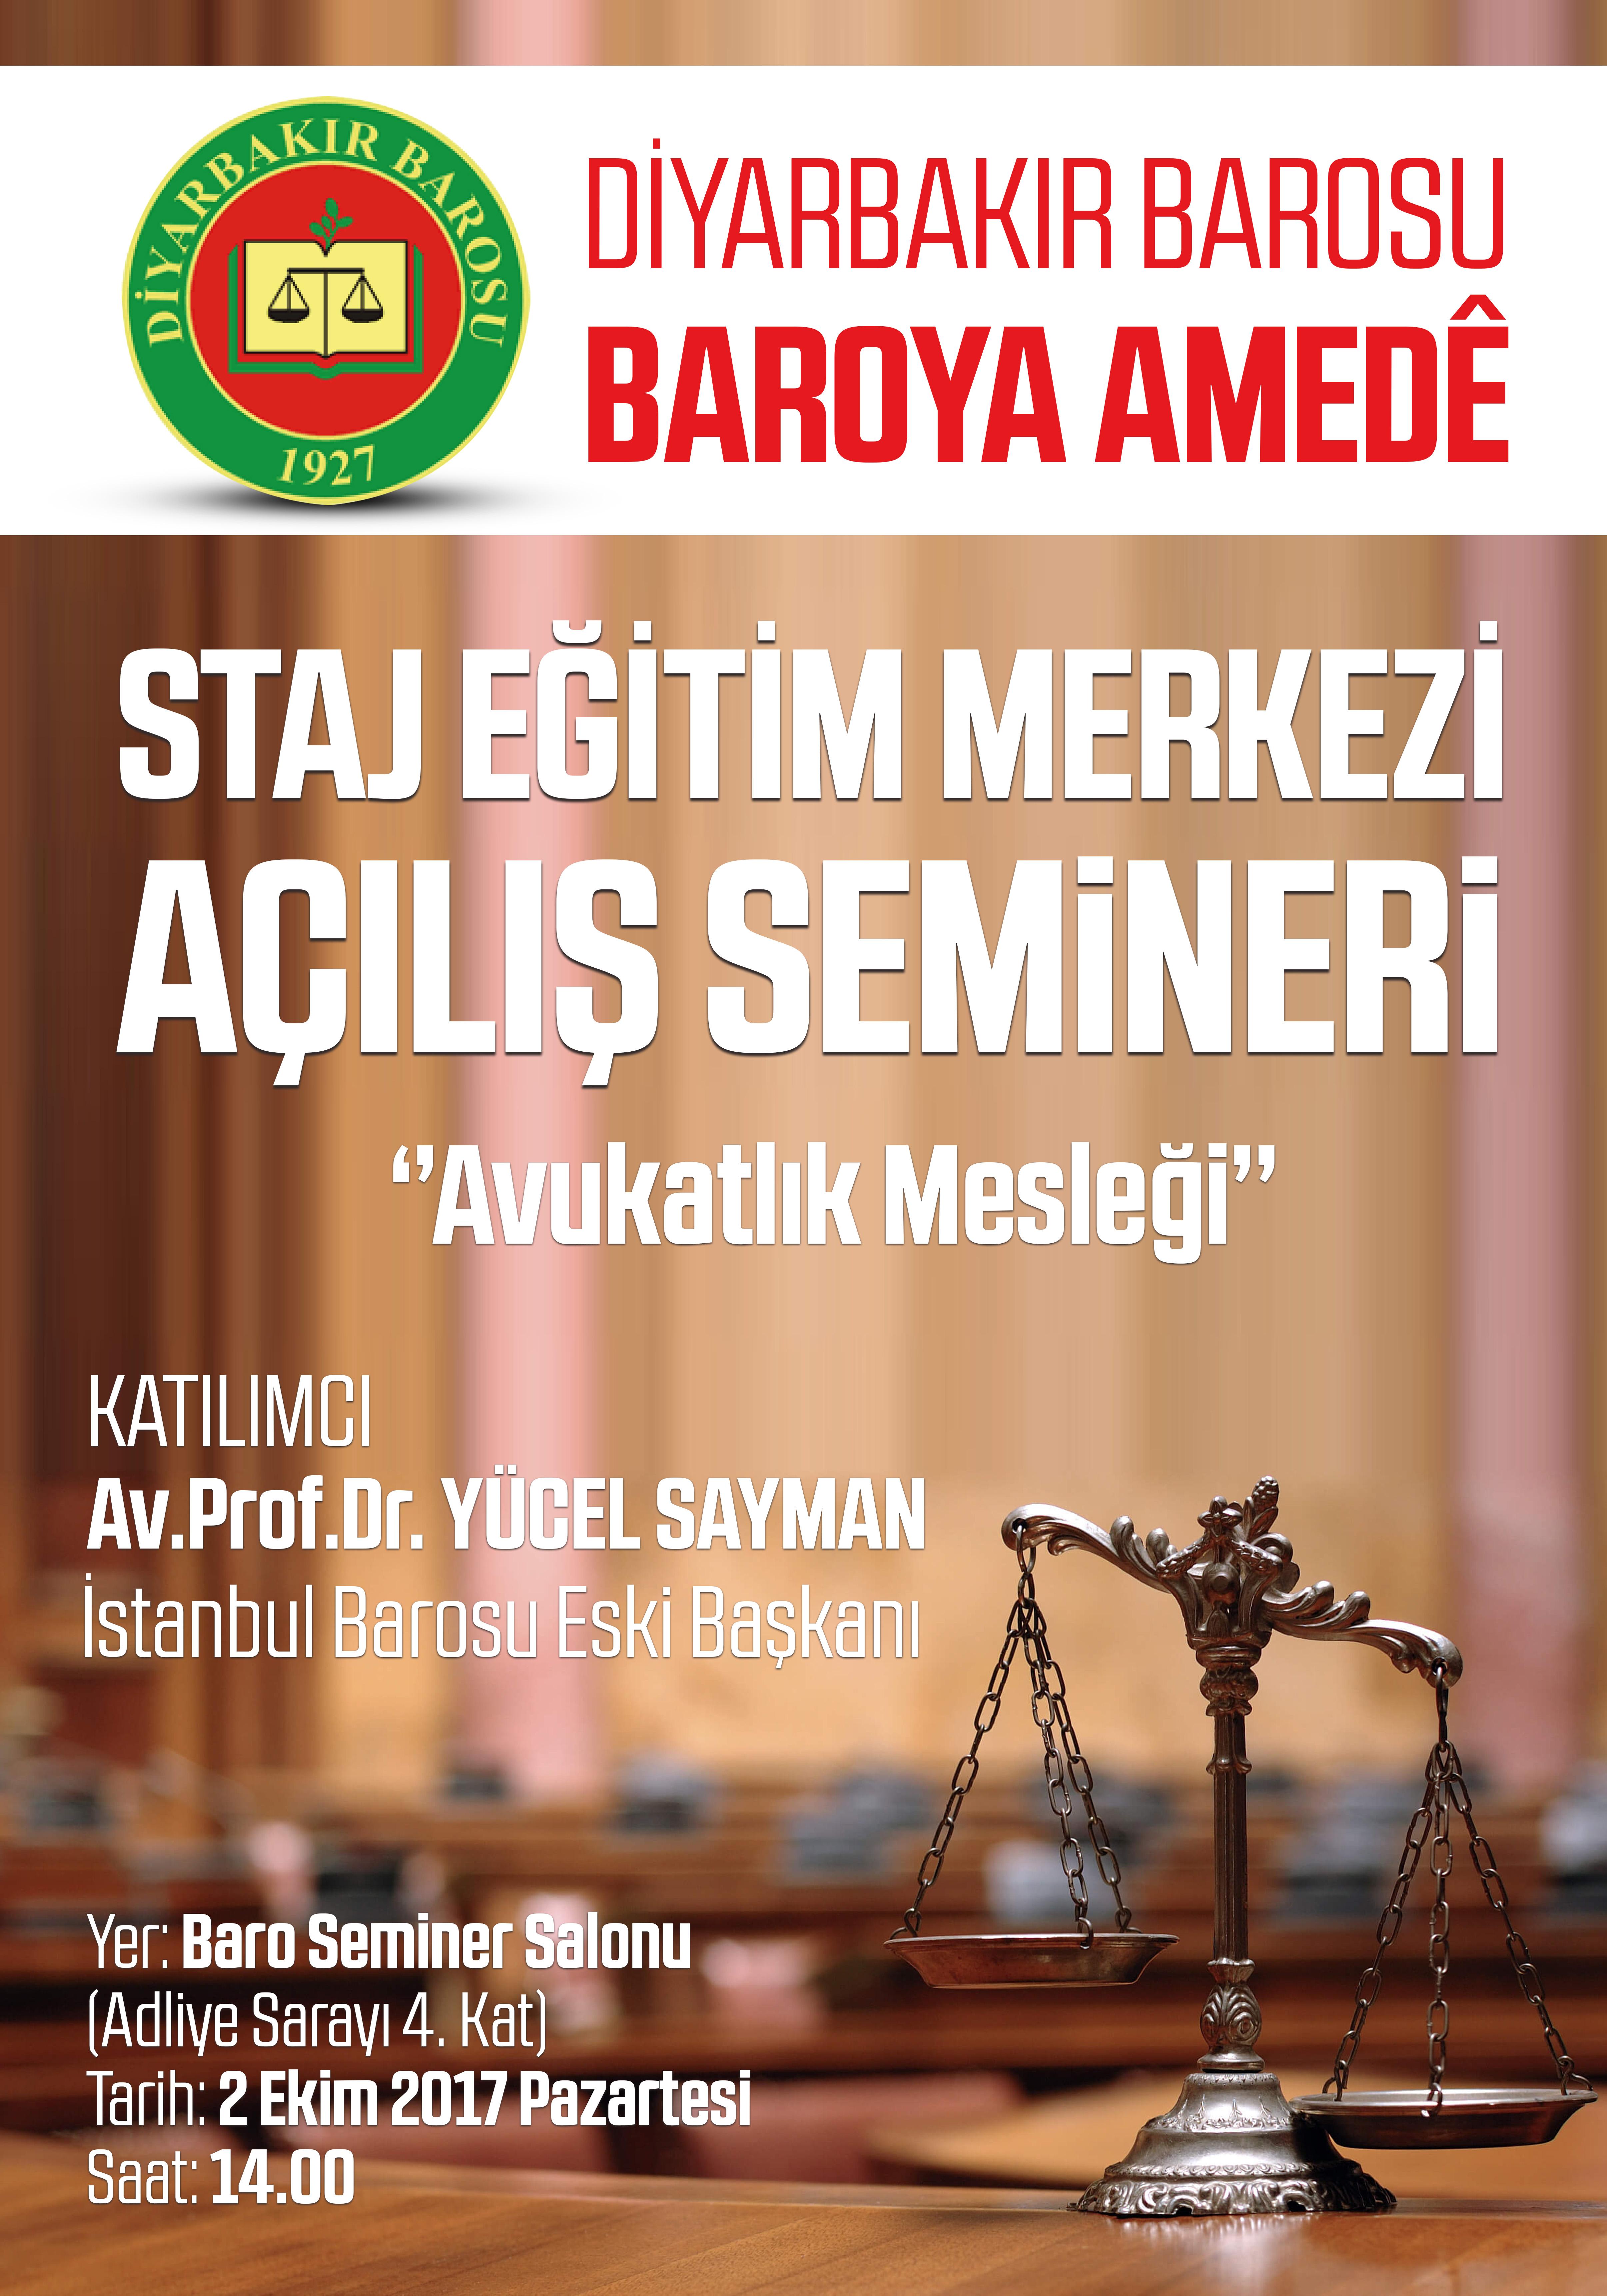 2017-2018 Staj Eğitim Dönemi Avukatlık Mesleği konulu seminerle başlıyor.